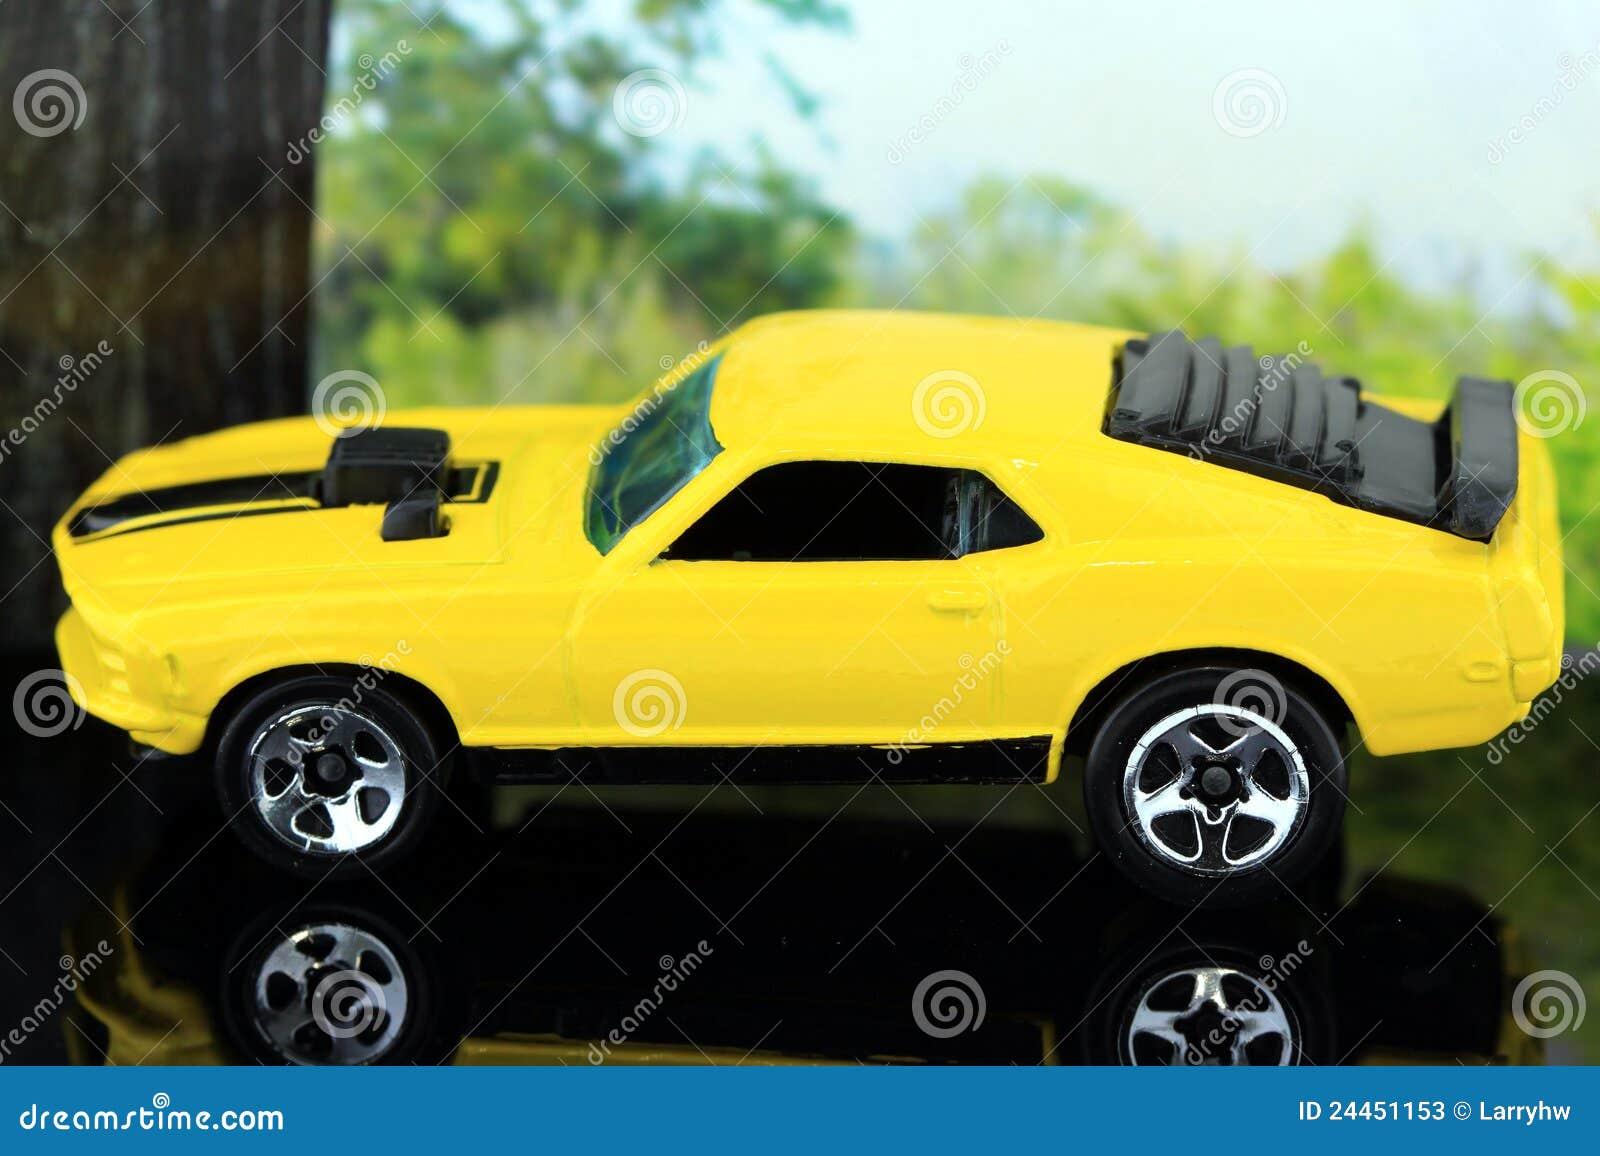 经典的黄色小�9`��l$yi���oy�z`���-��_黄色经典美国跑车